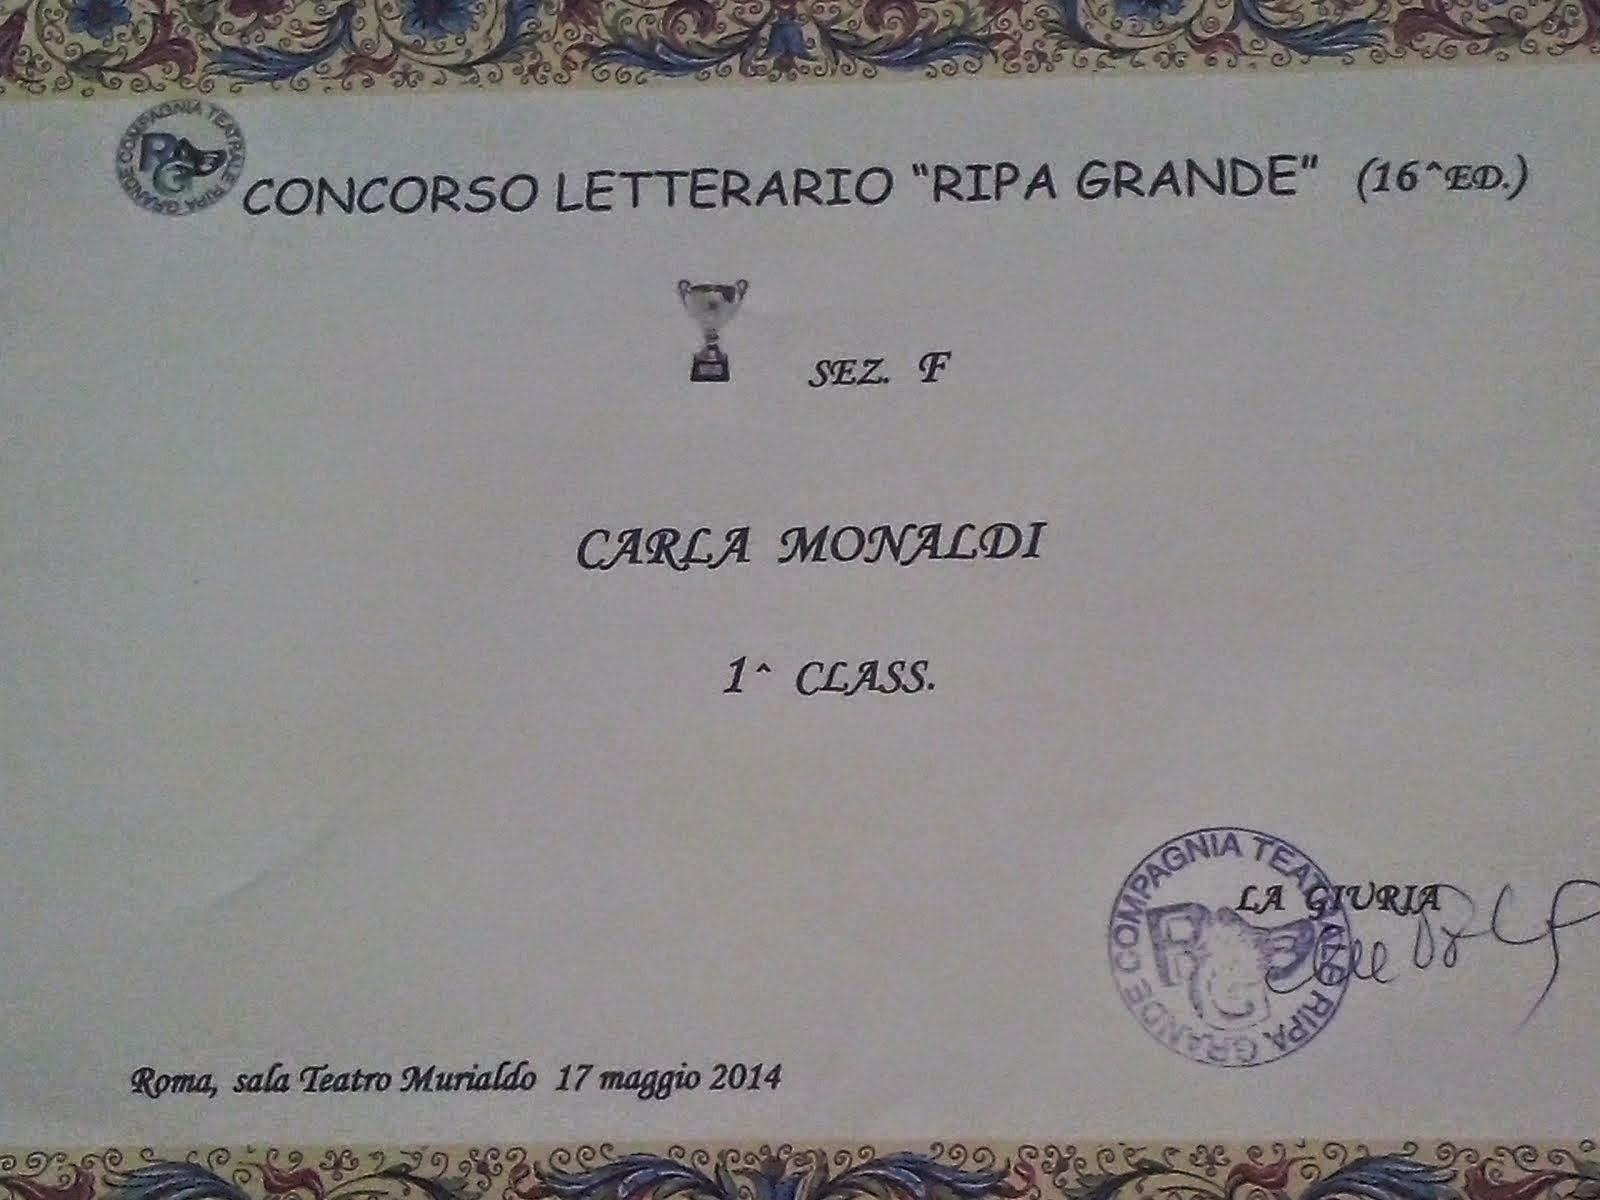 """Primo premio Concorso letterario Ripa Grande 2014 per il racconto """"Il Mascheraio misantropo"""""""